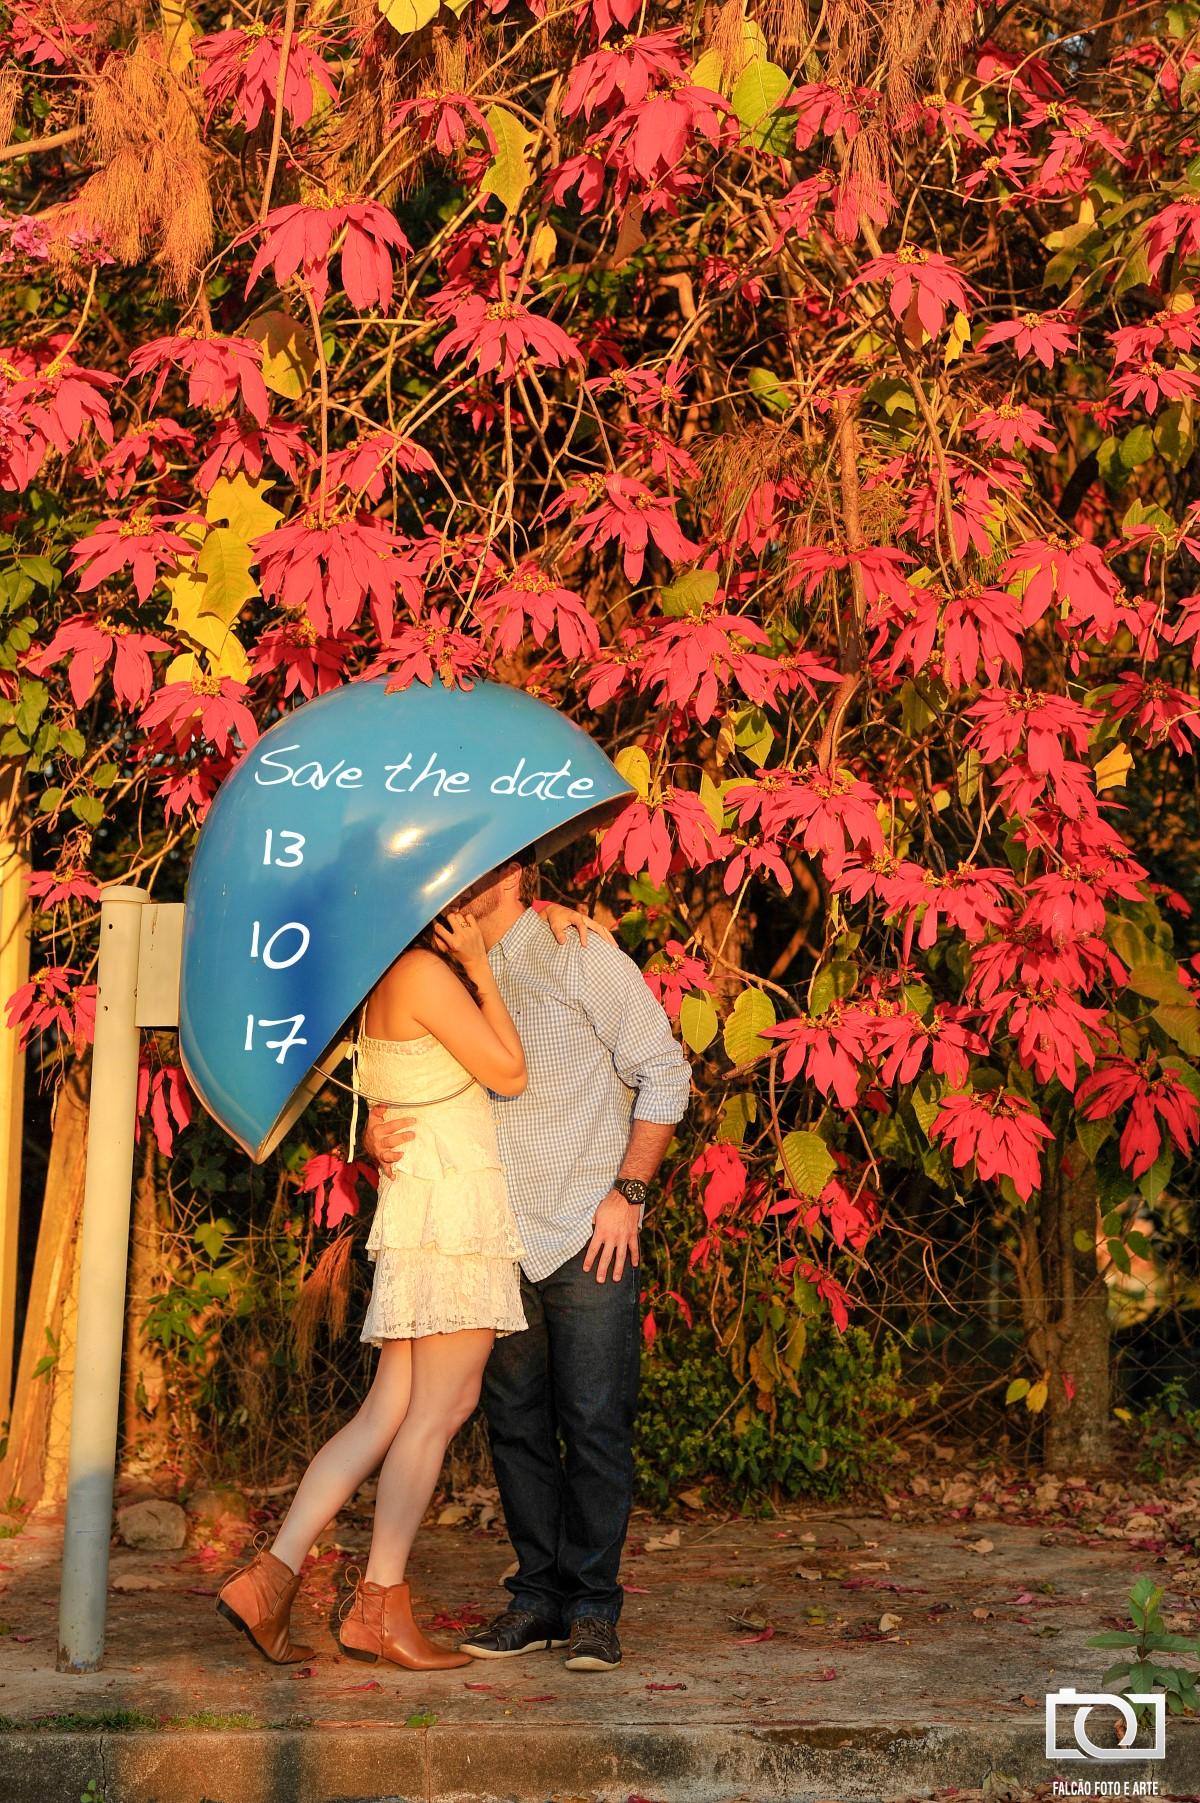 Foto do casal dentro de um orelhão, com a mulher segurando o telefone e seu noivo beijando seu rosto, está escrito a data do casamento no orelhão.